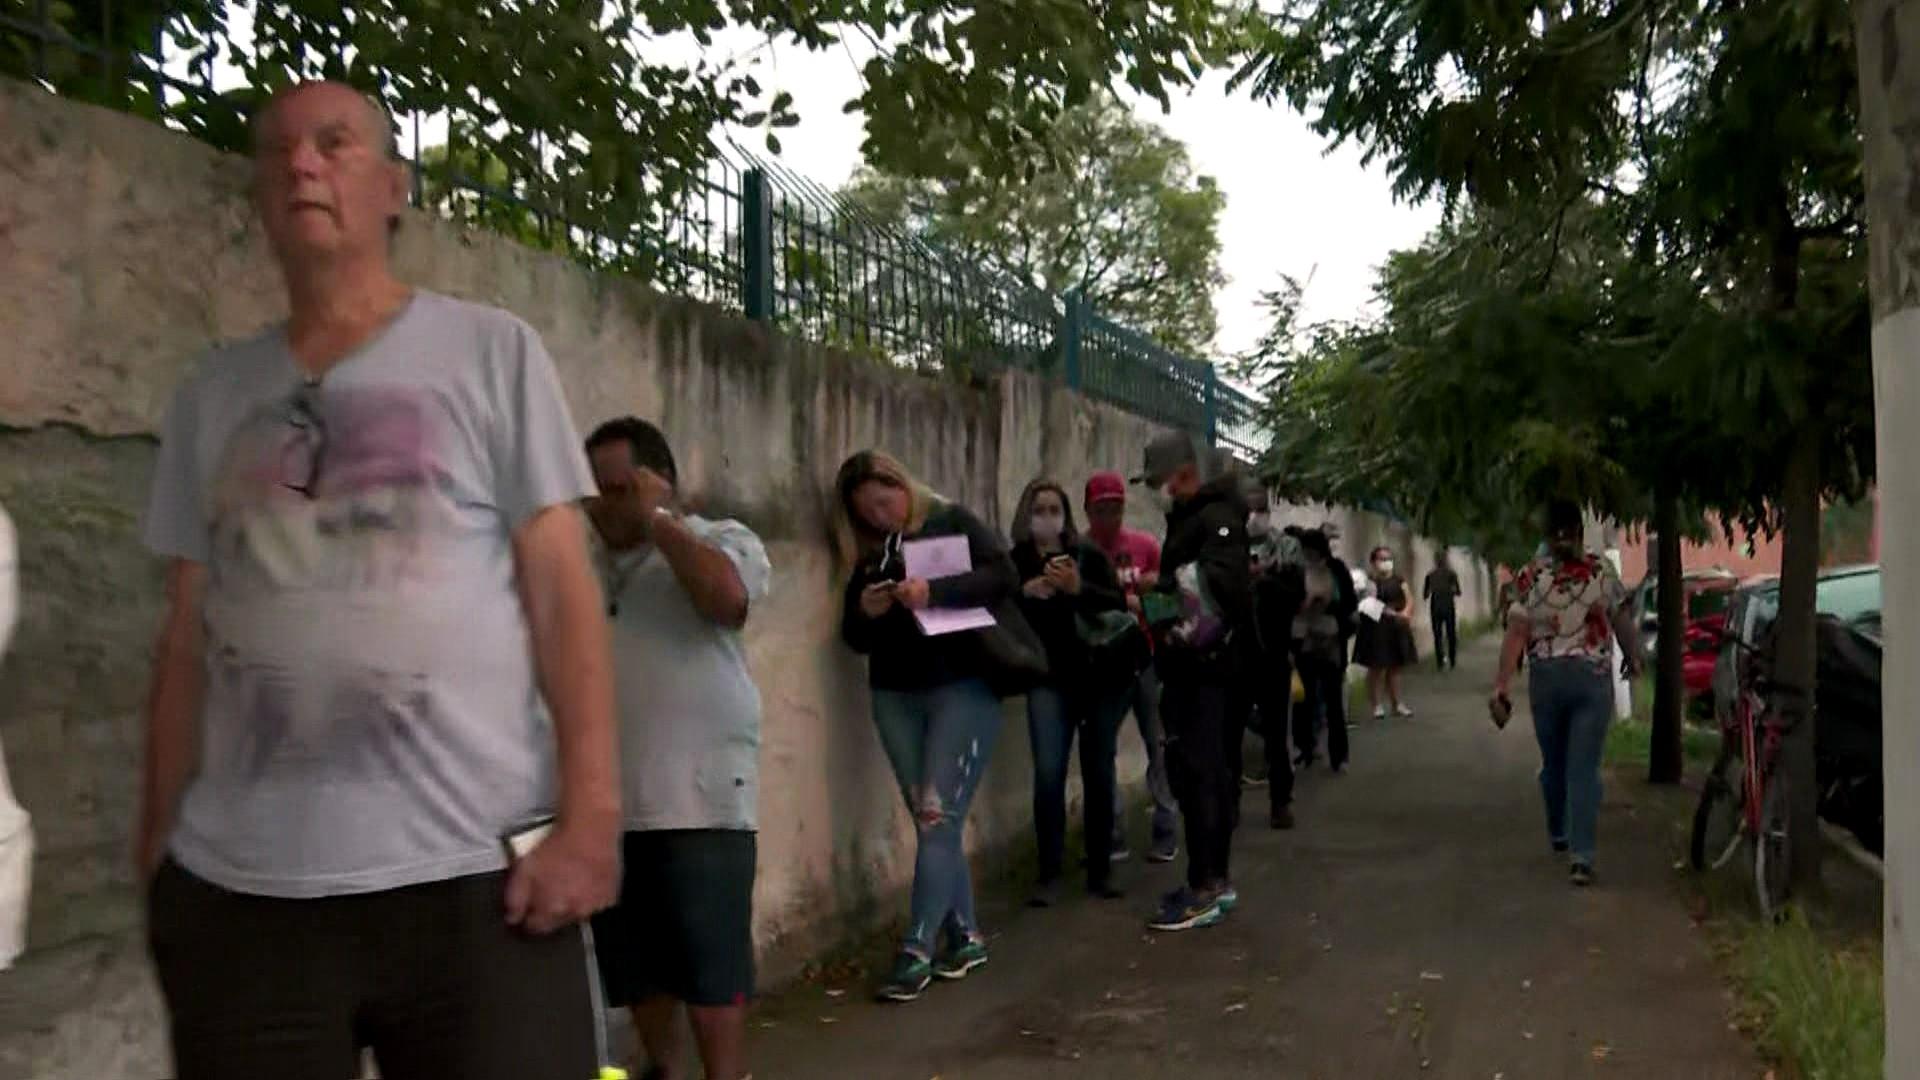 Espera por atendimento em farmácia de alto custo na Zona Leste de SP gera filas e aglomeração